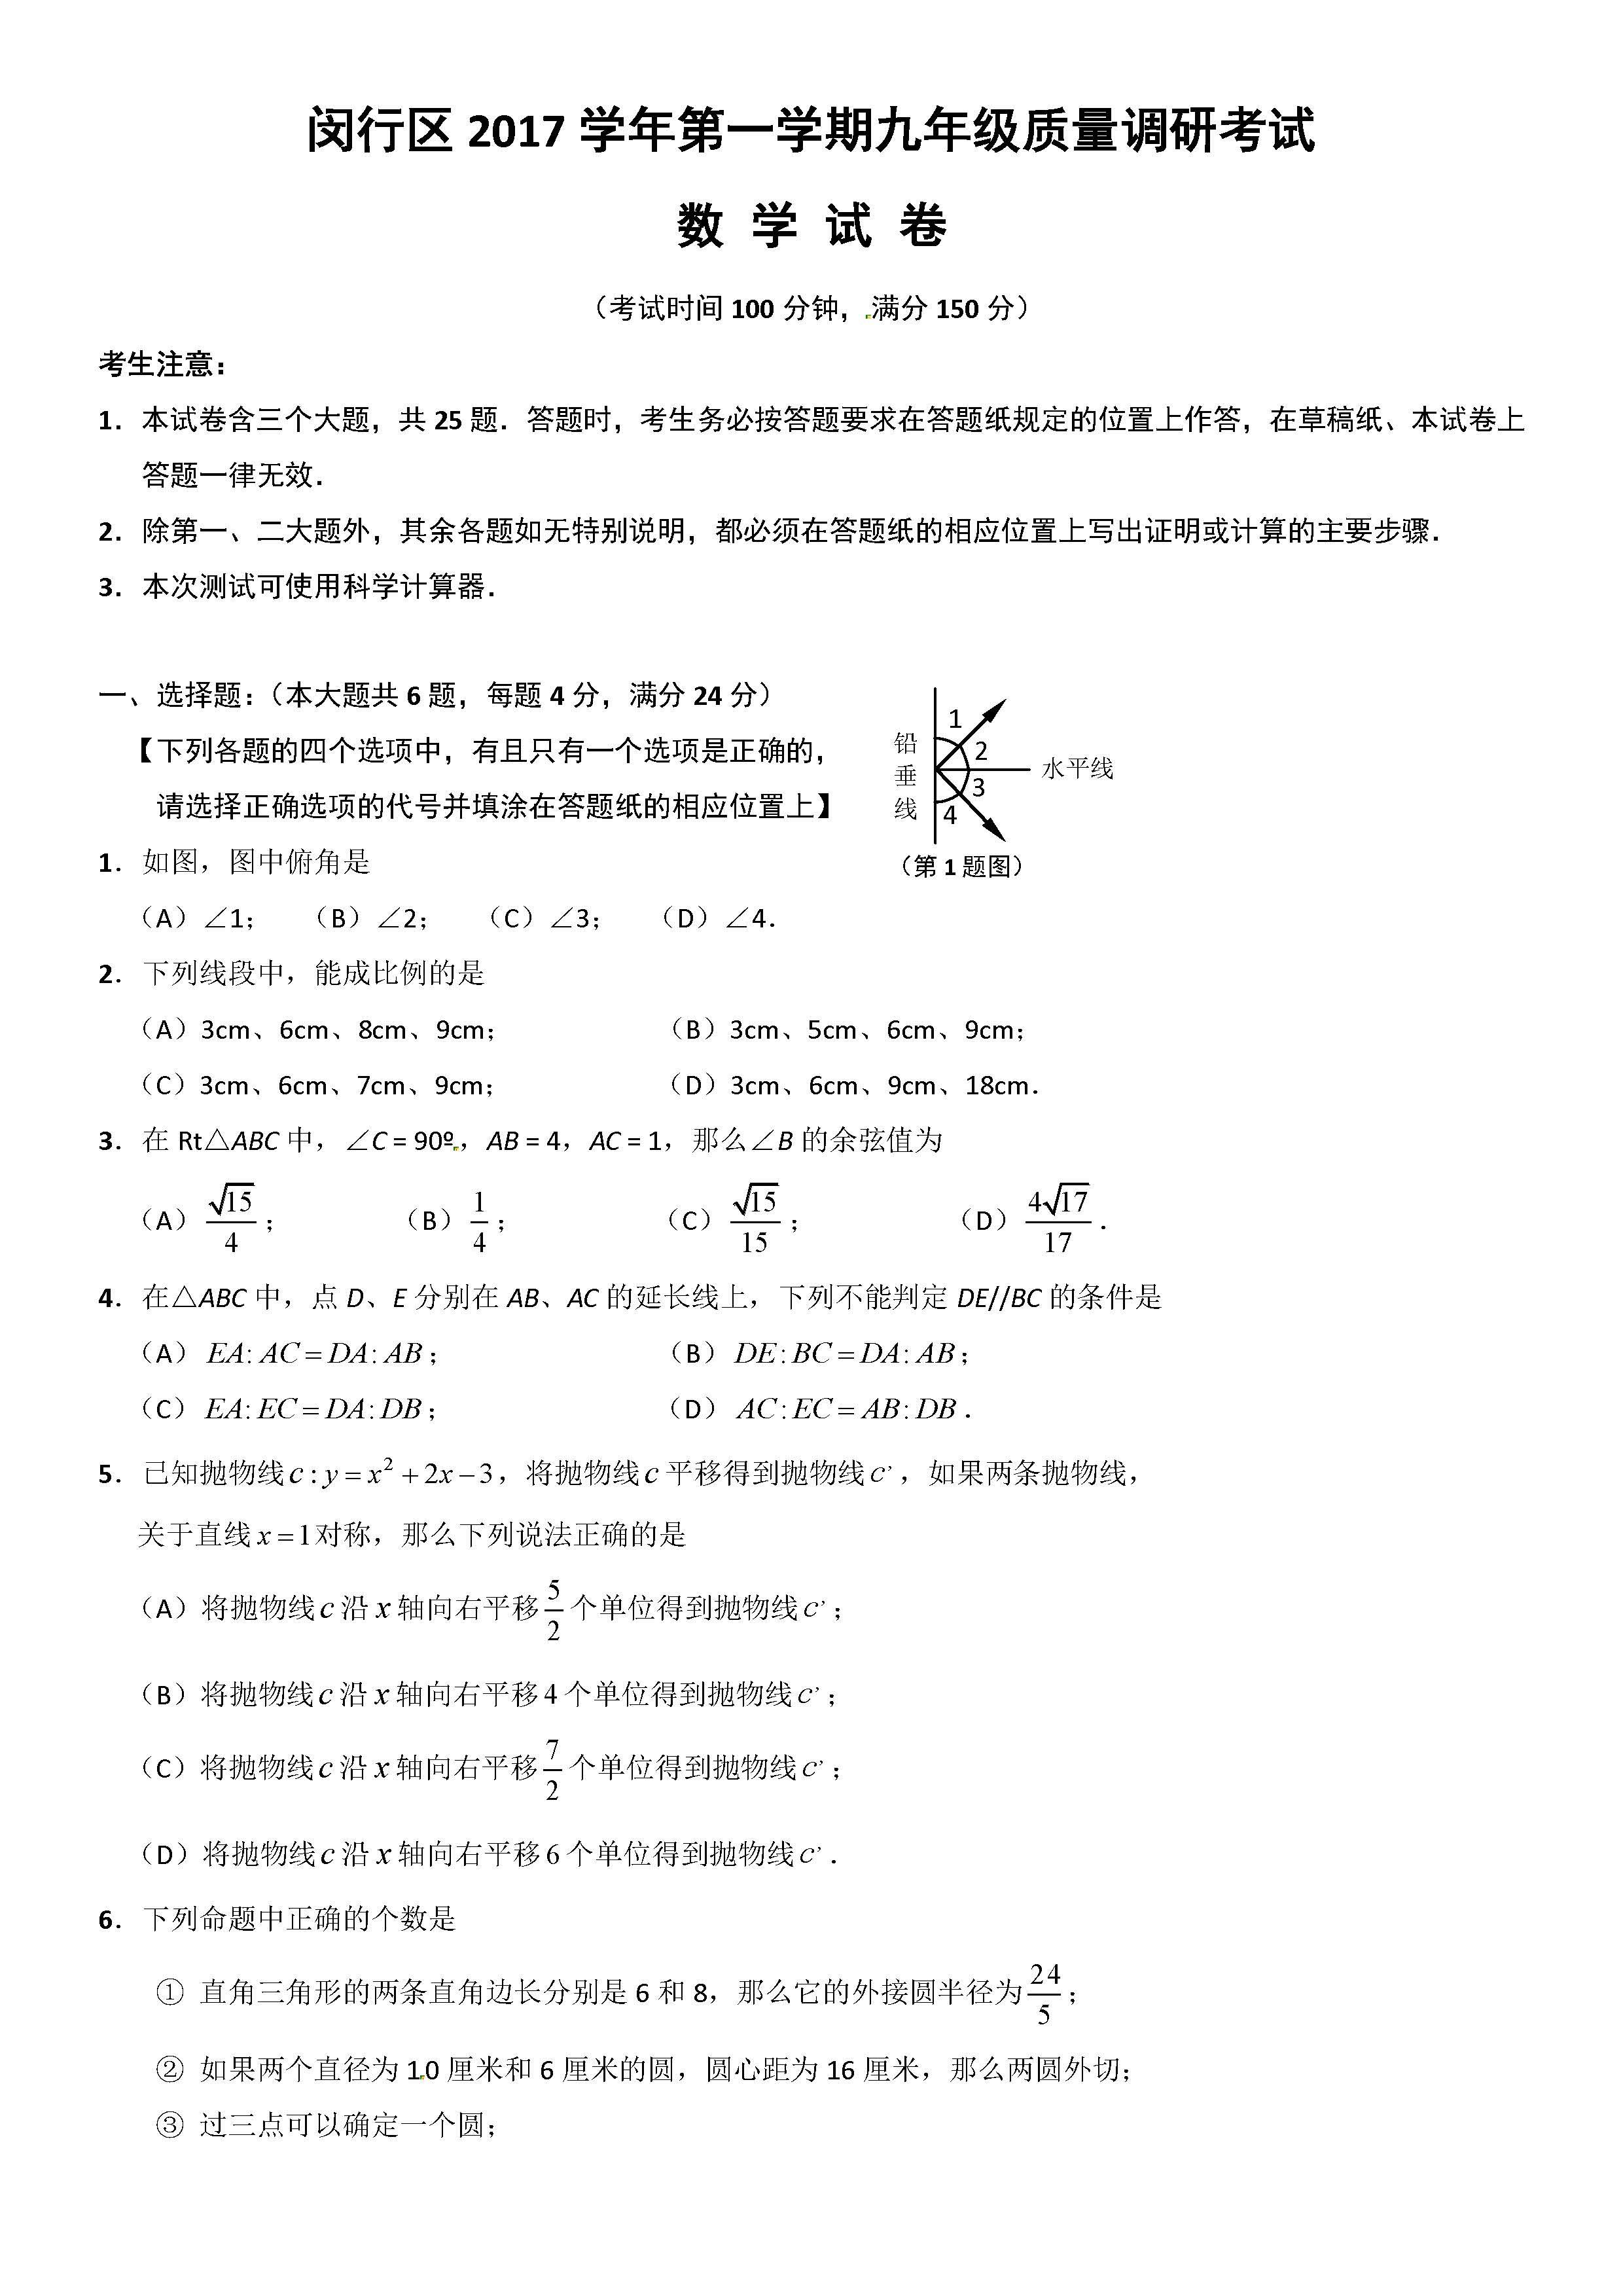 2018闵行中考数学一模试题及答案(图片版)